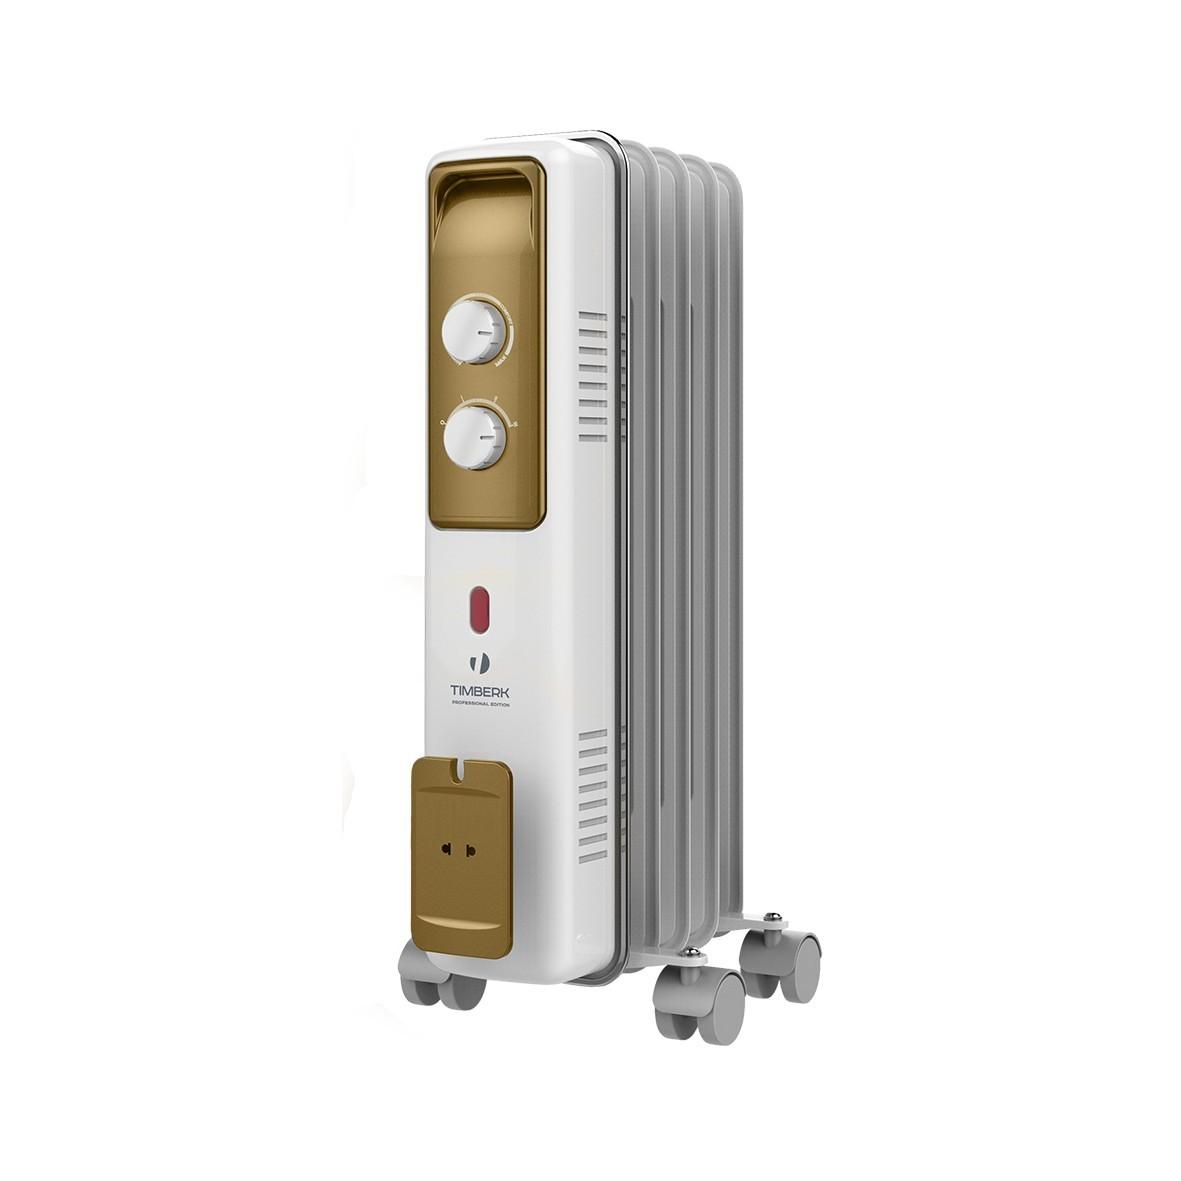 Масляный радиатор Timberk TOR 21.1005 BCX, 5 секций, 1000 Вт., защита от протечек масла, высокоточный термостат